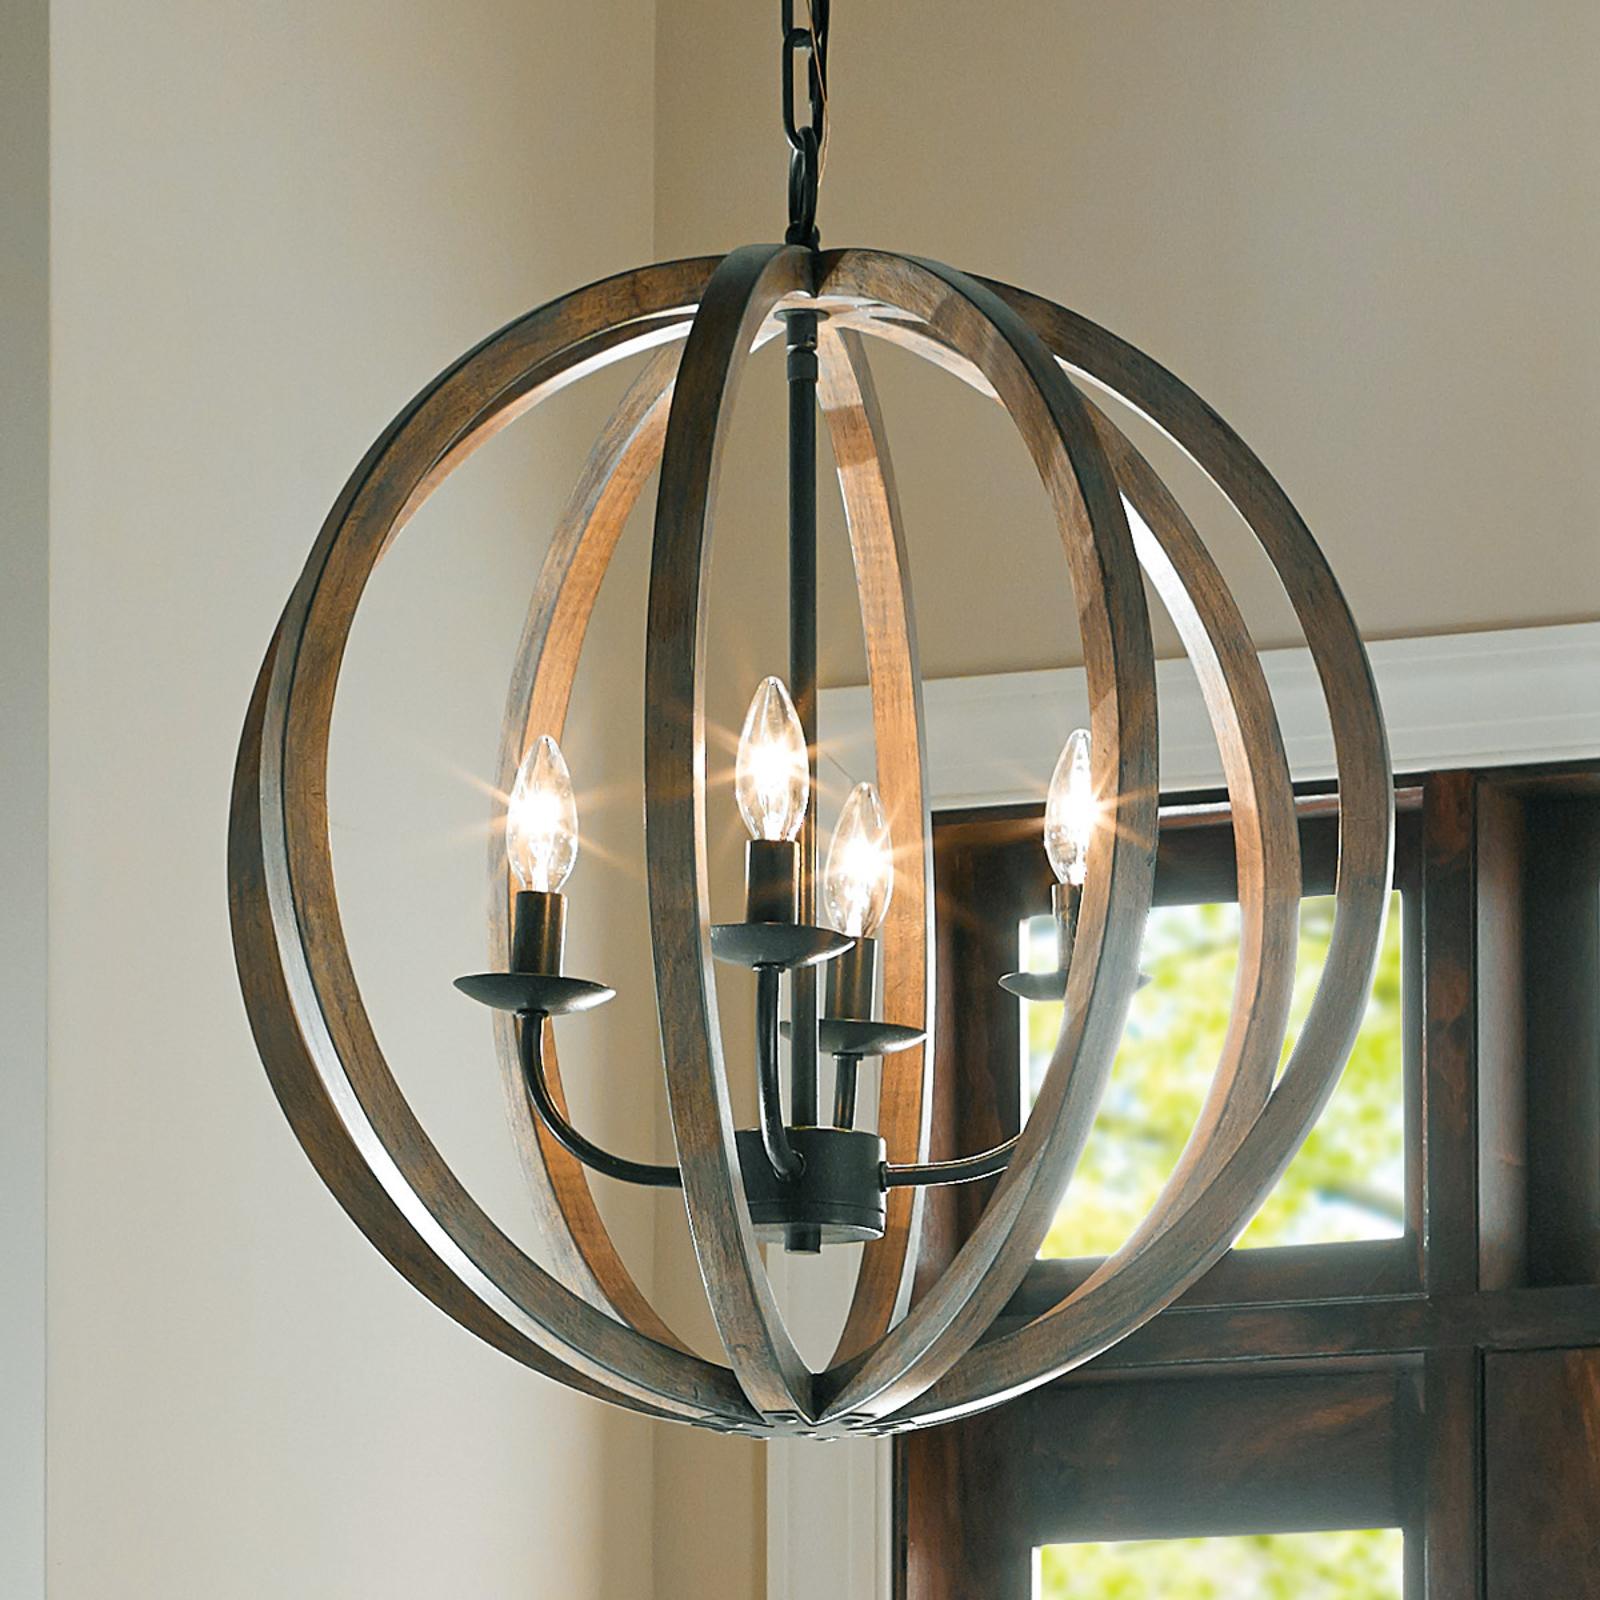 Hanglamp Allier uit hout met vier lampjes 52,1 cm